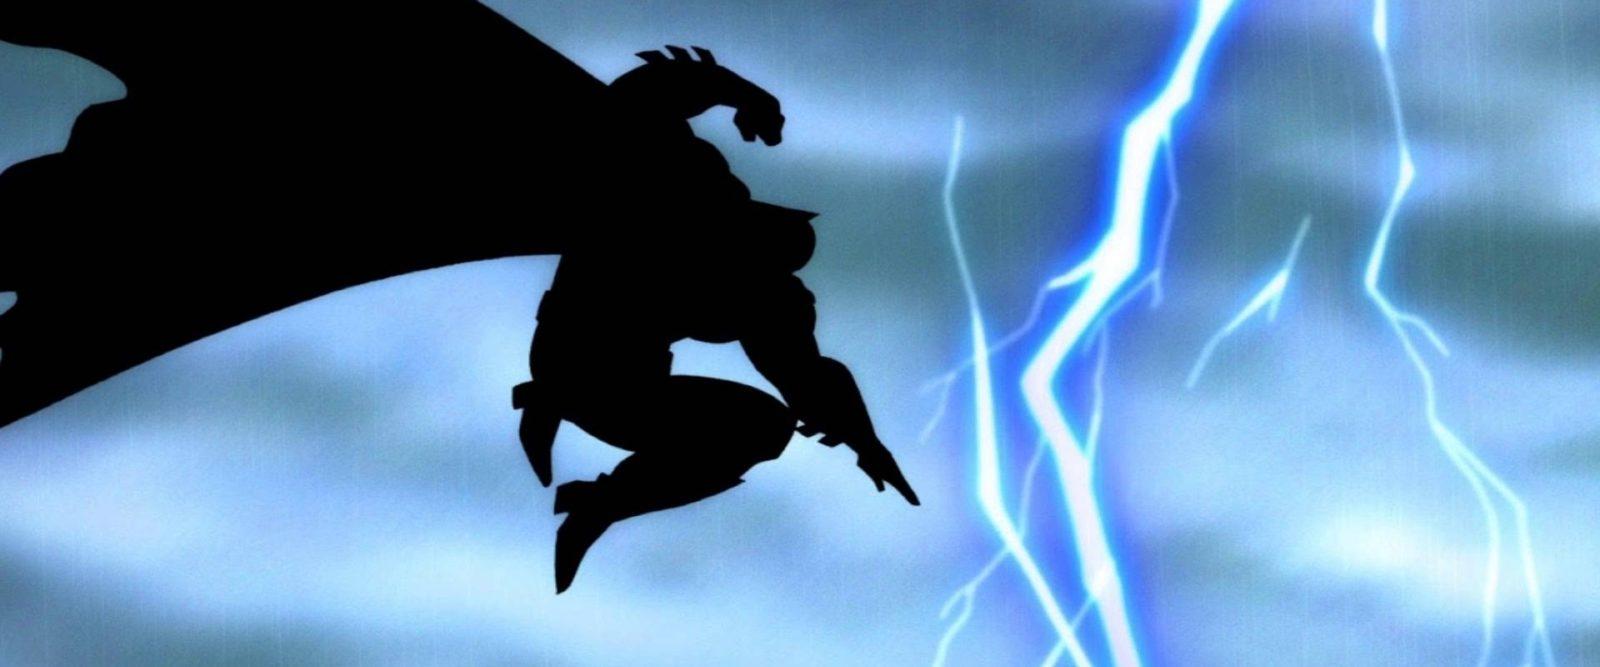 Зак Снайдер мечтает снять фильм о Бэтмене без Бена Аффлека